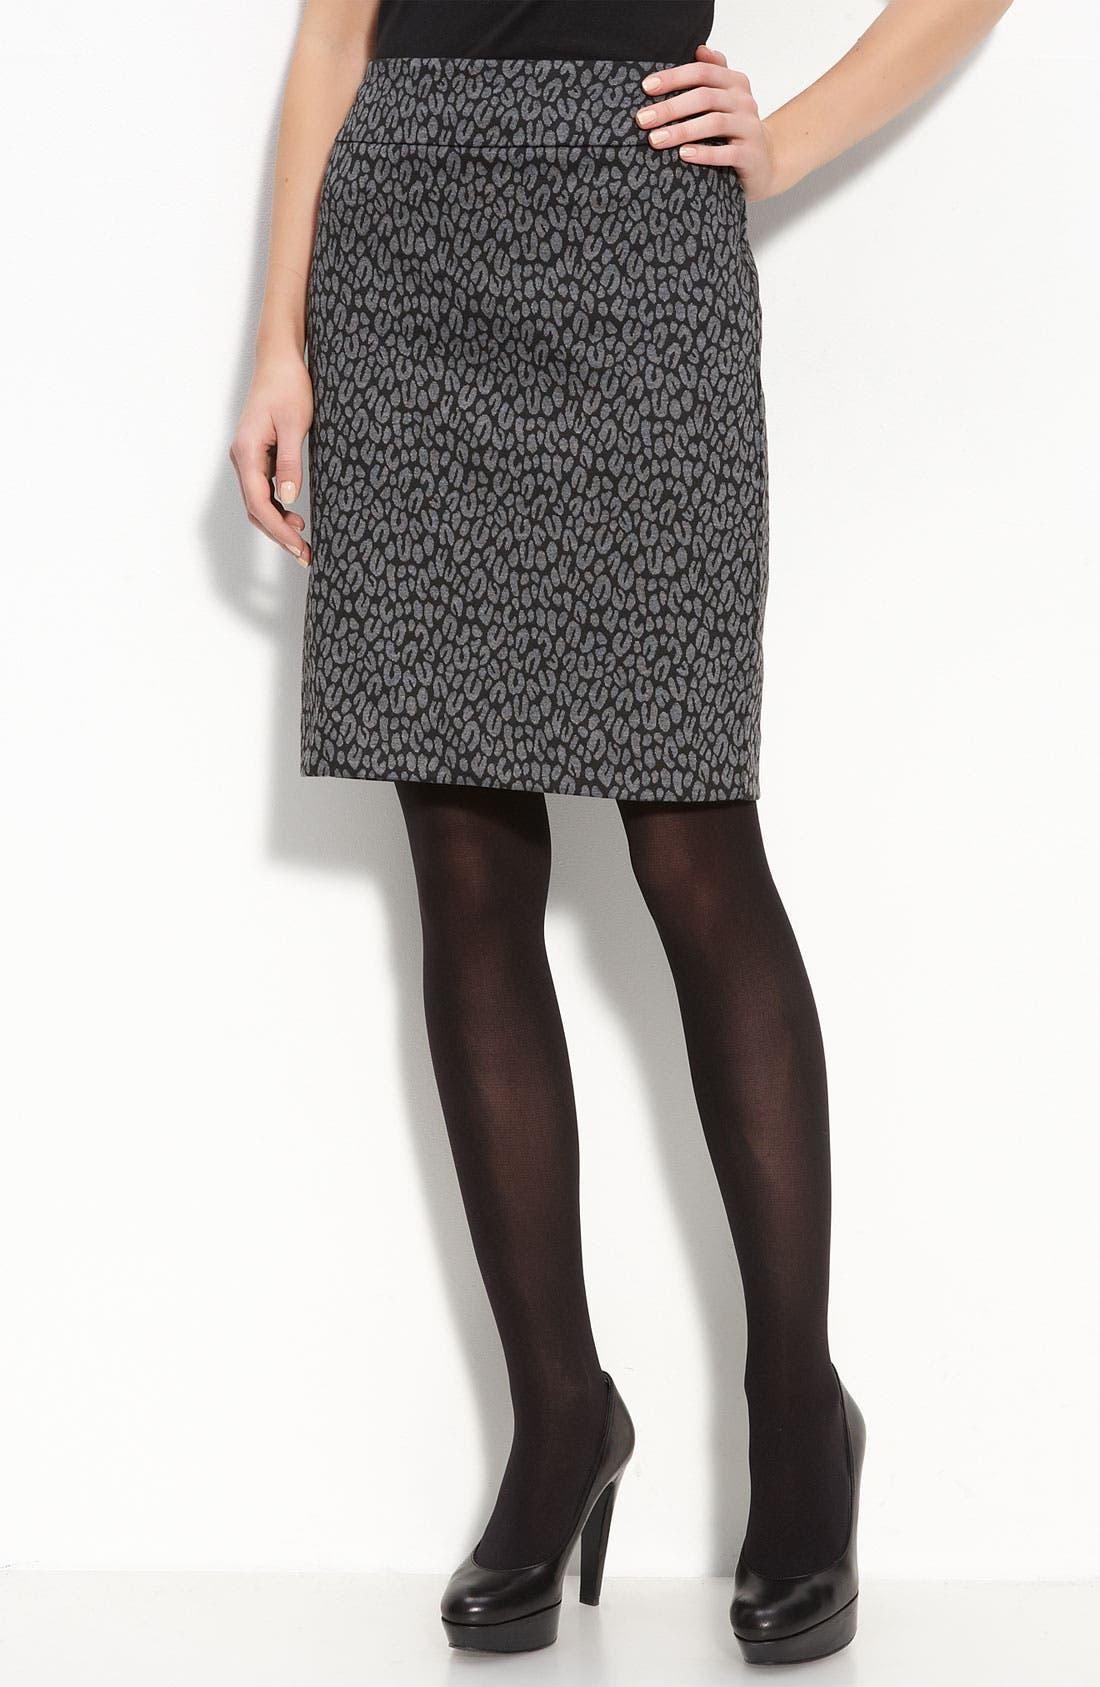 Alternate Image 1 Selected - Halogen® Patterned Knit Skirt